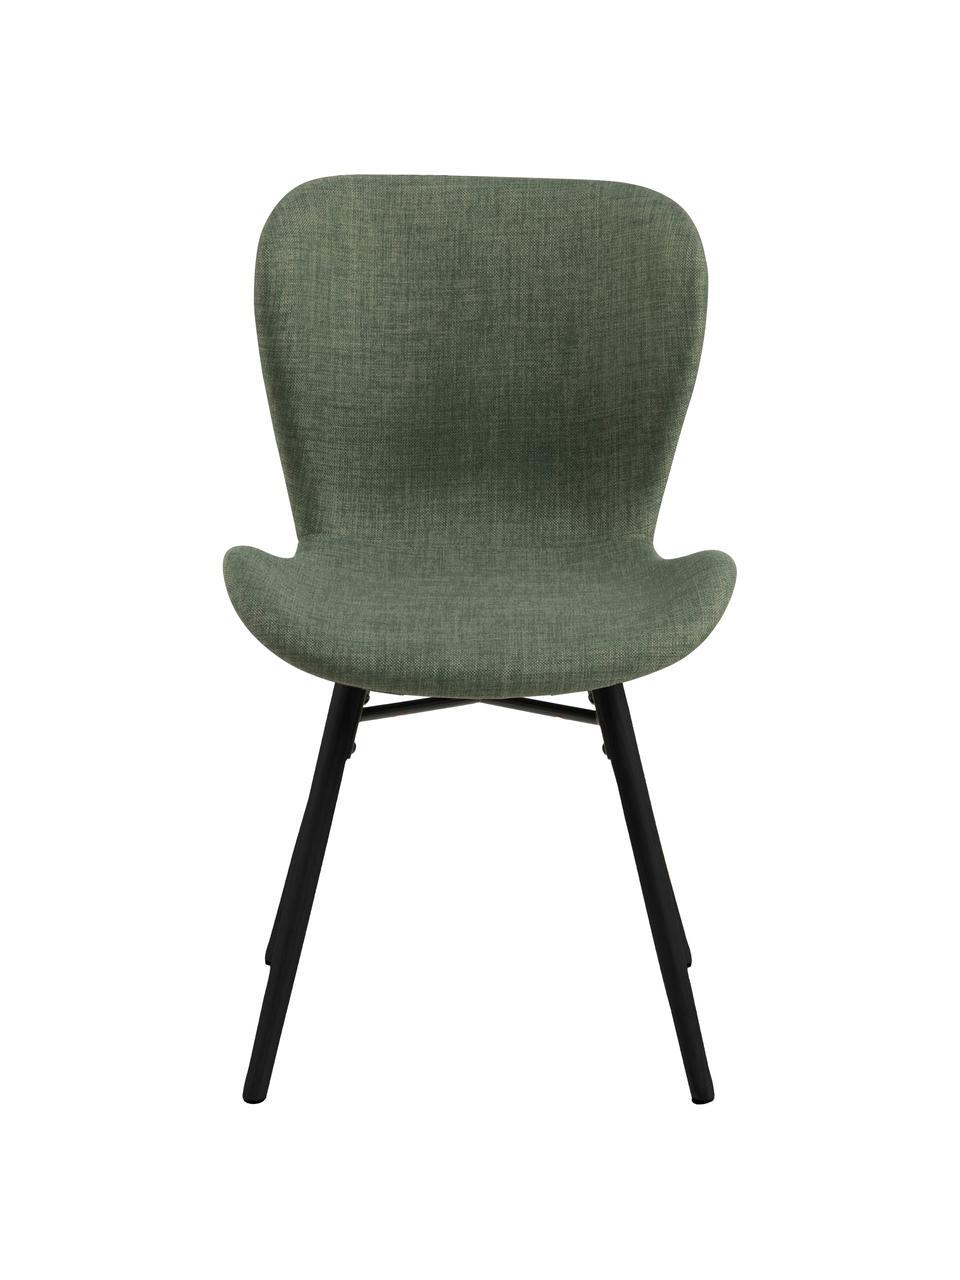 Krzesło tapicerowane Batilda, 2 szt., Tapicerka: 100% poliester, Nogi: drewno kauczukowe, powlek, Zielony, czarny, S 47 x G 53 cm